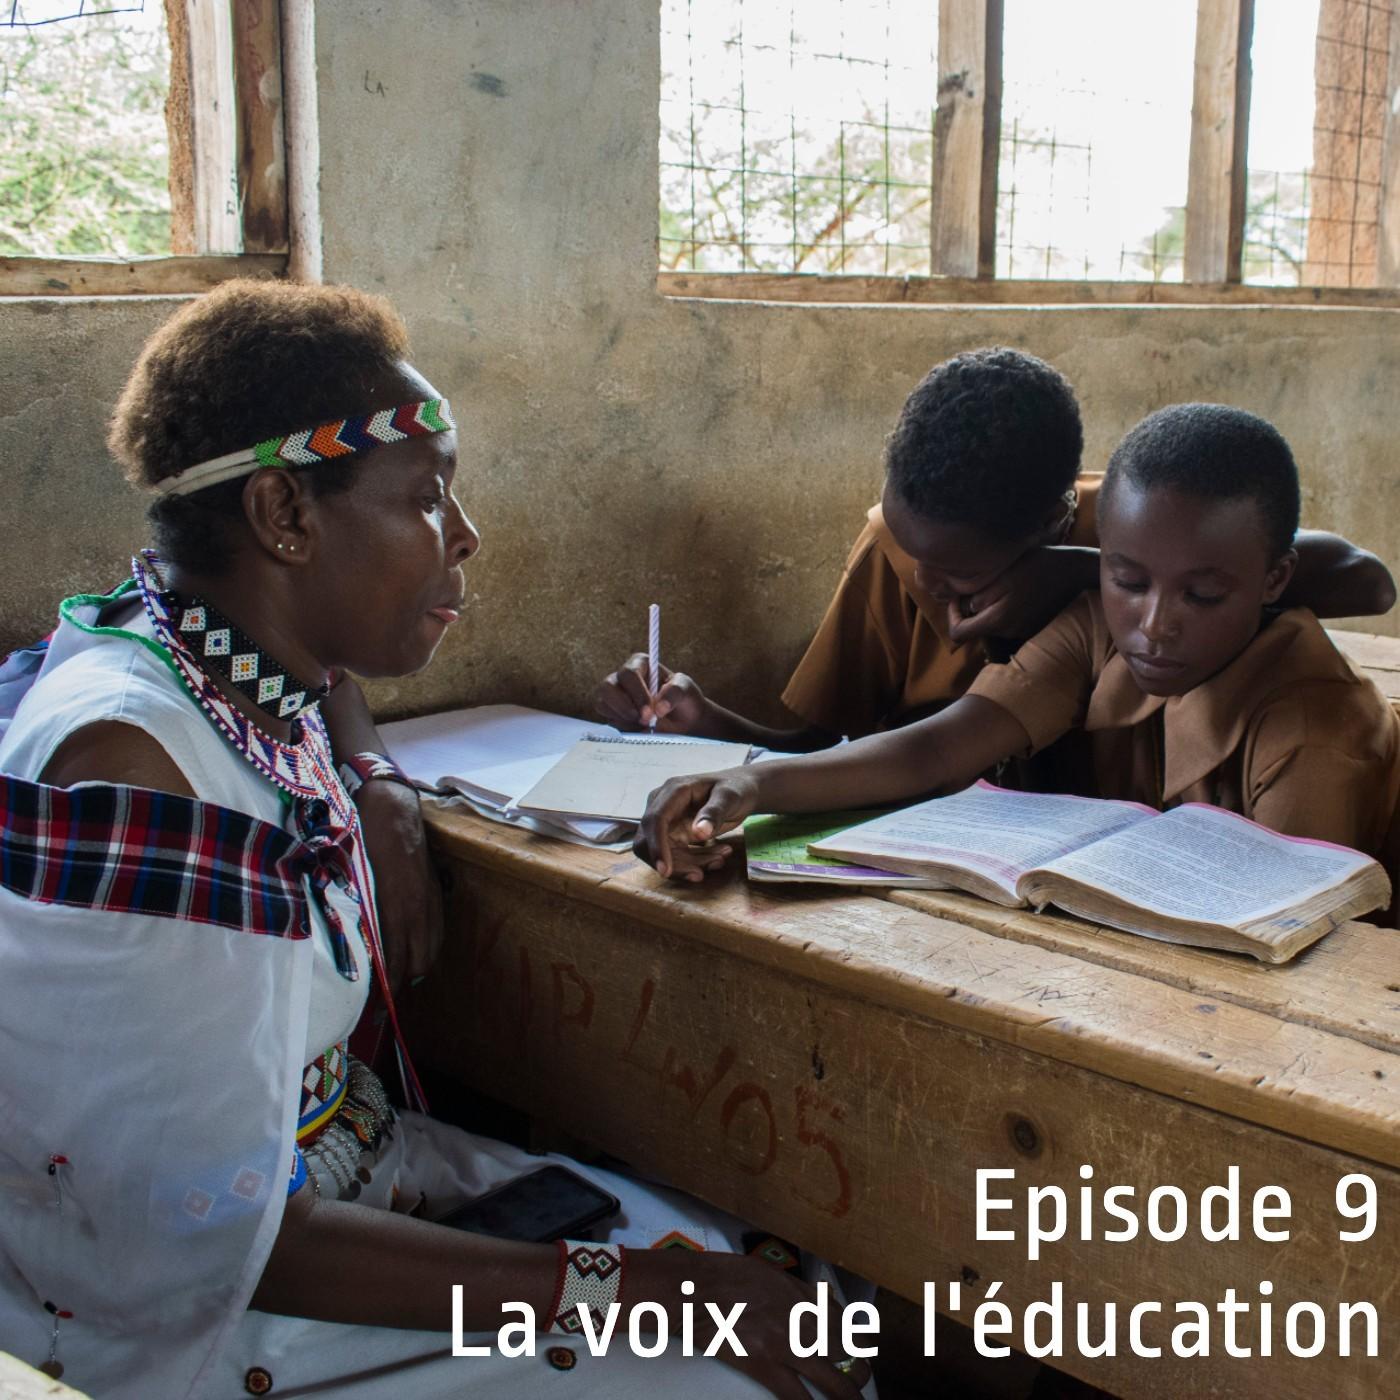 Episode 9 - La voix de l'éducation